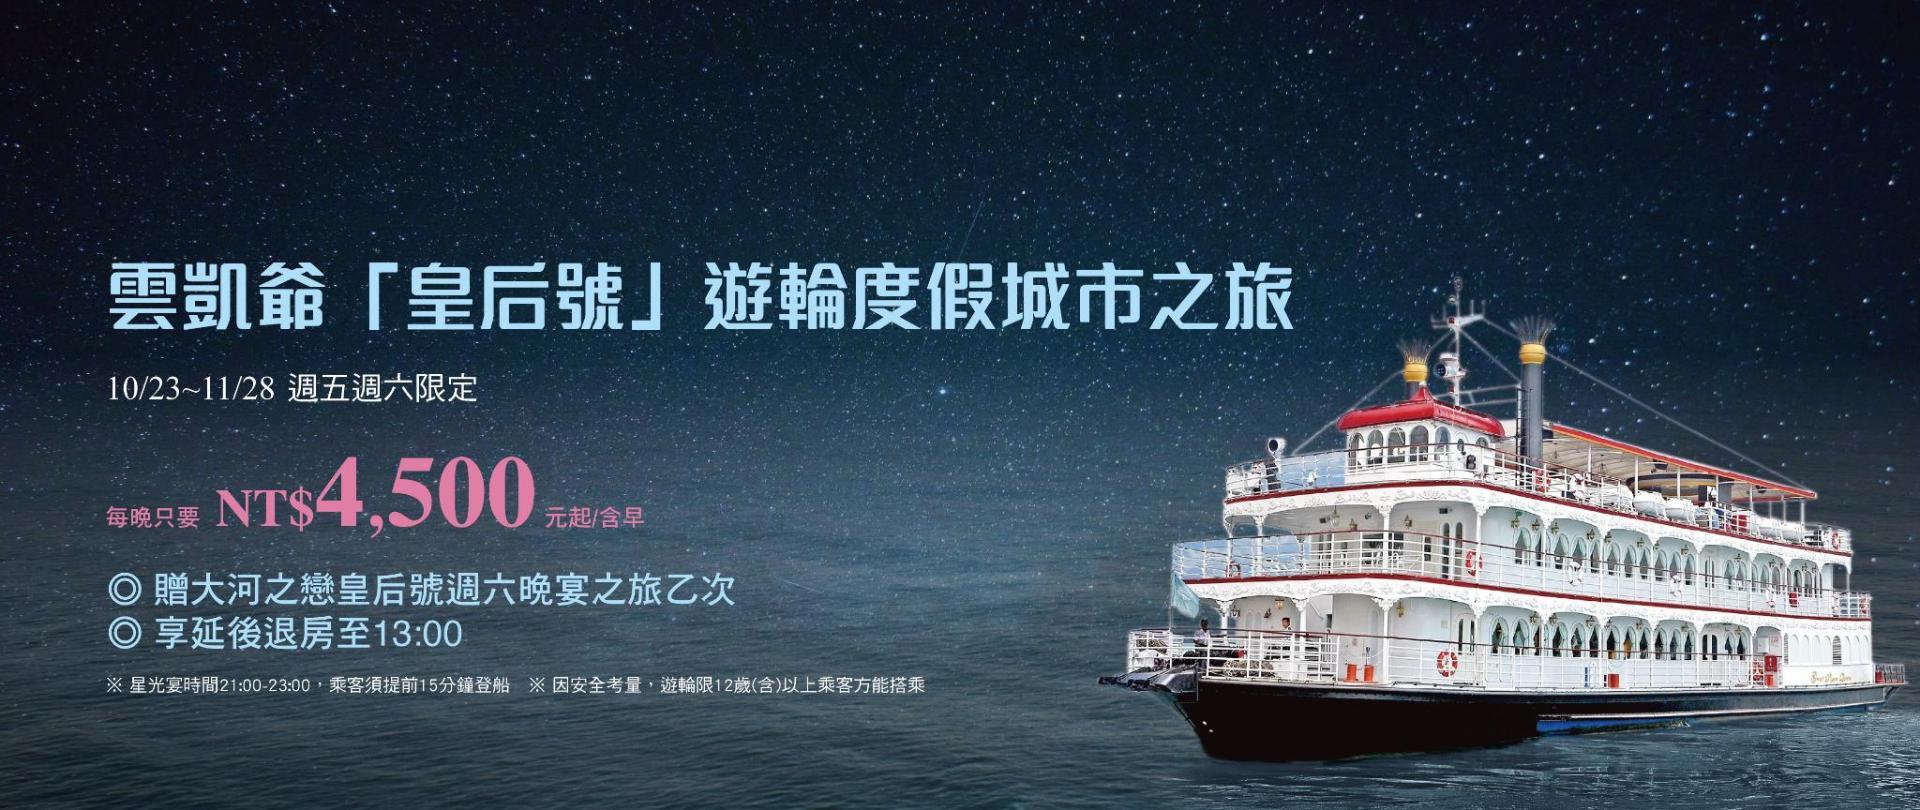 官網Slide-Show4000X1688_CLR遊輪之旅住房專案B (2).jpg